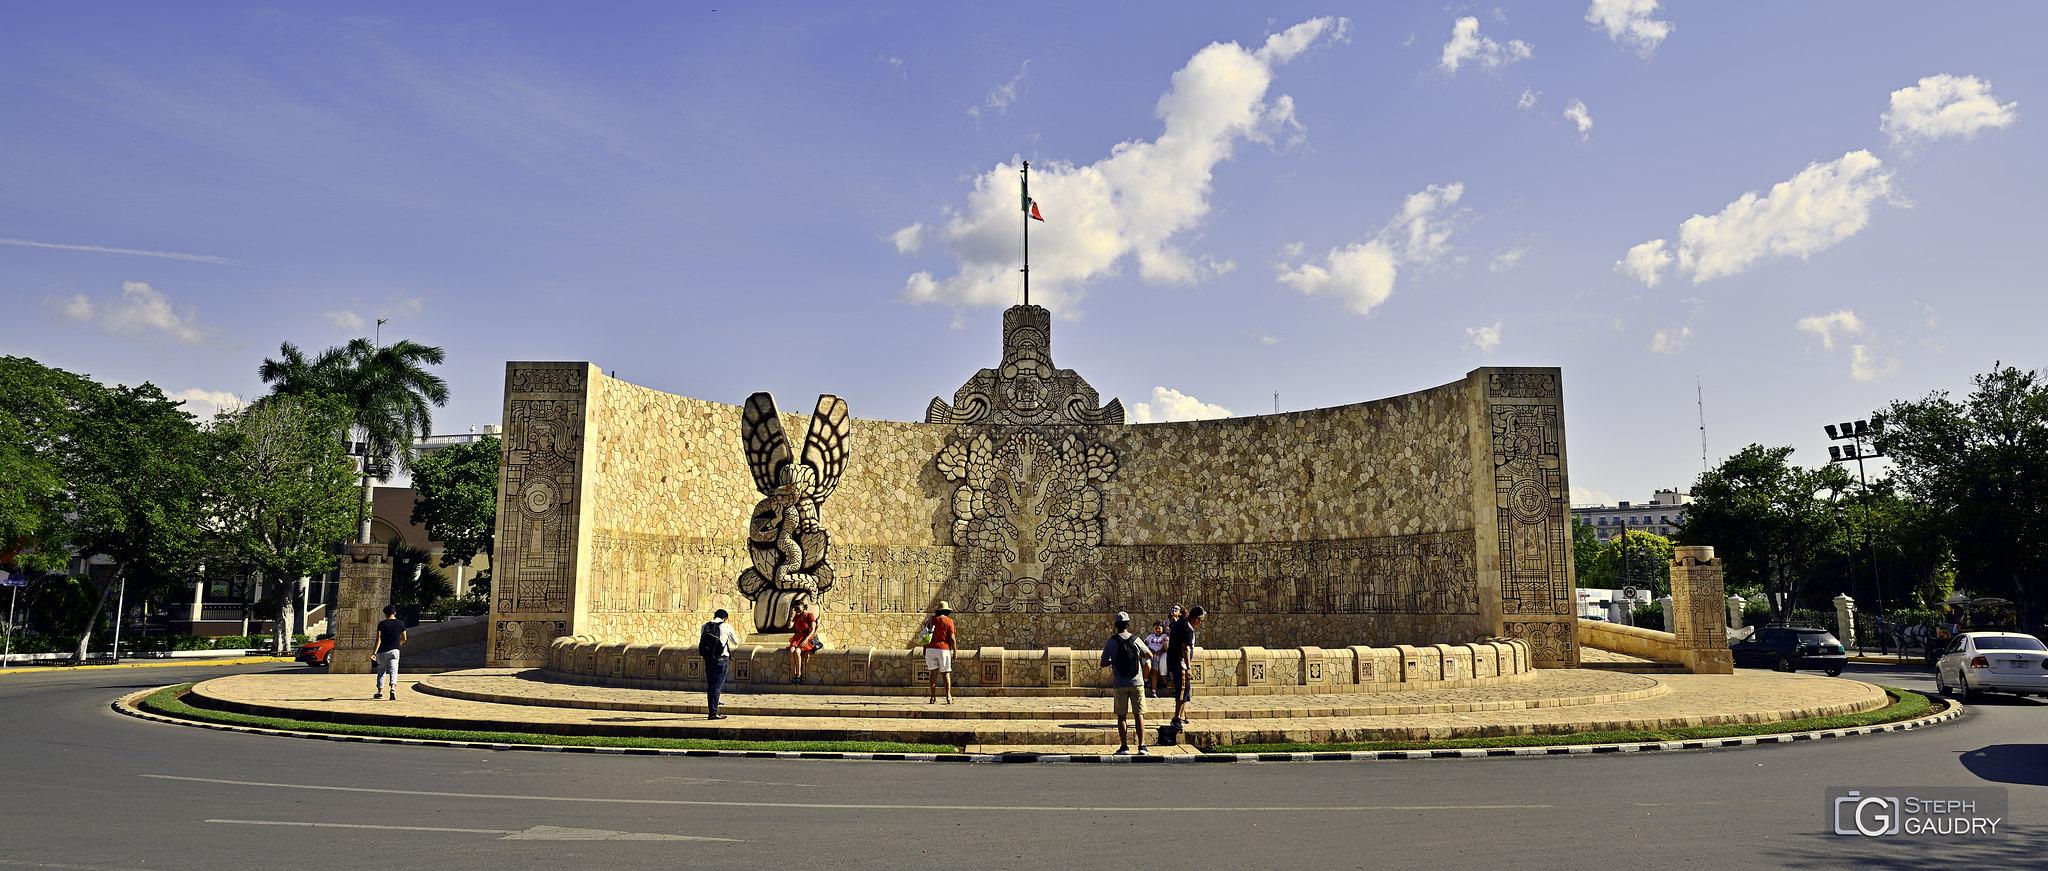 Merida - monument à la Patrie [Cliquez pour lancer le diaporama]